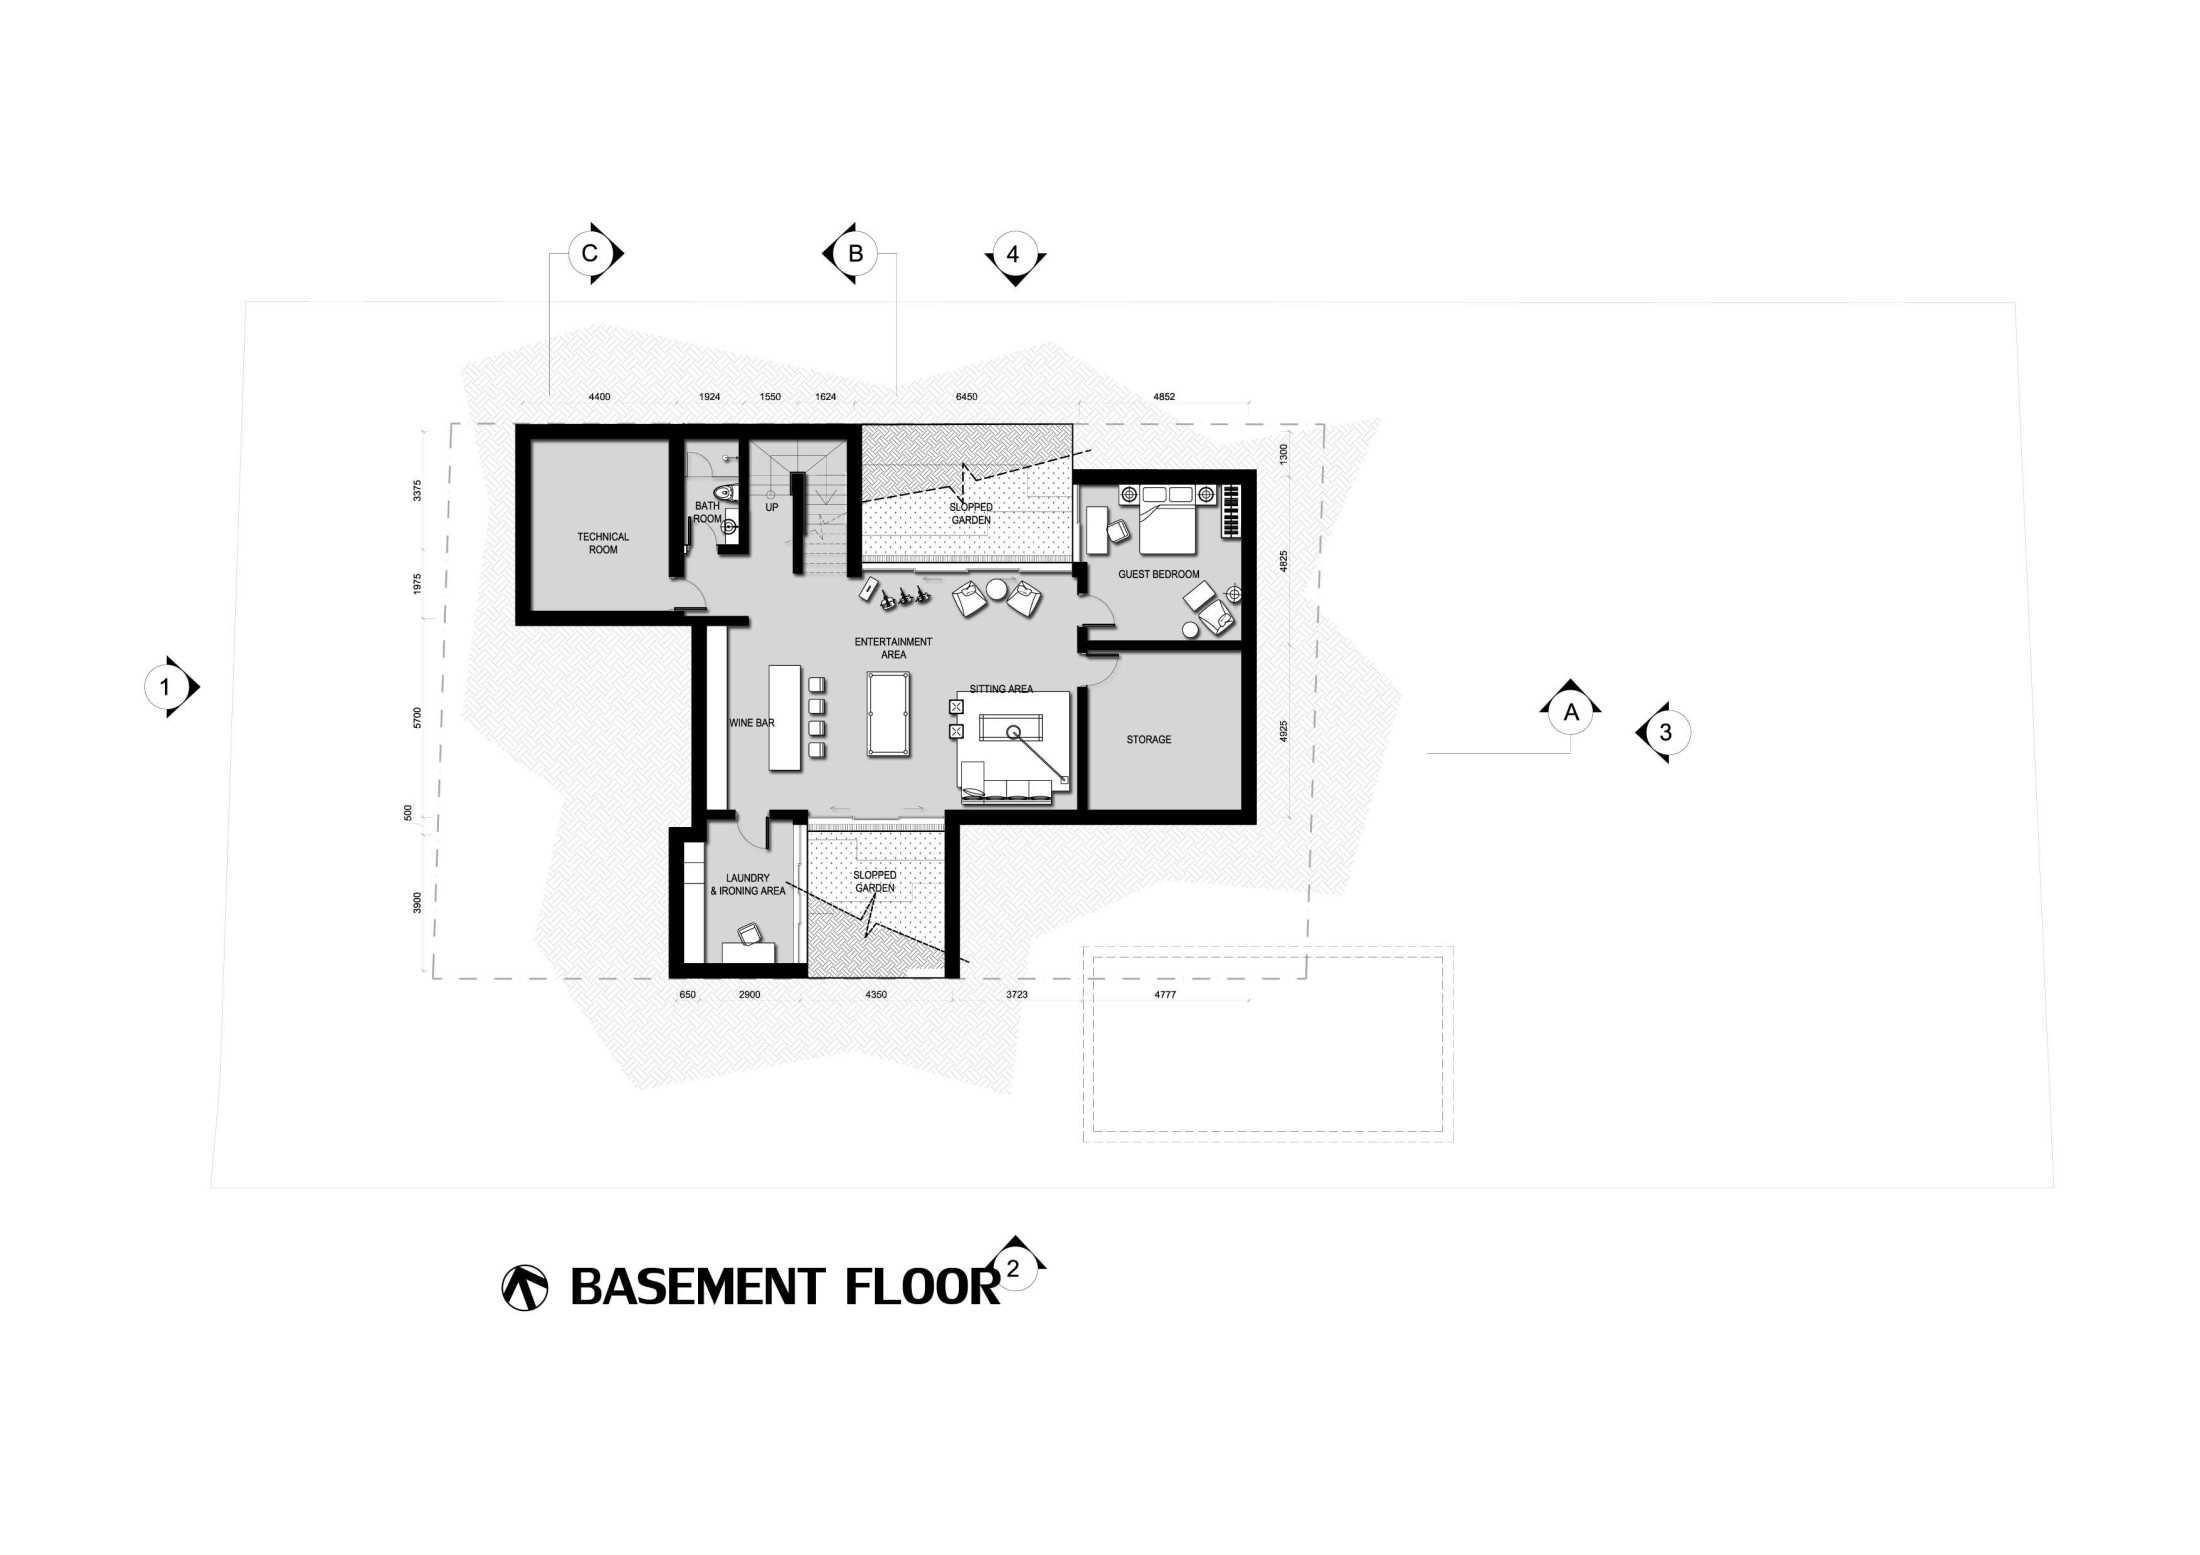 Bral Architect Alpen House In Germany 46519 Alpen, Jerman 46519 Alpen, Jerman Bral-Architect-Alpen-House-In-Germany  99899